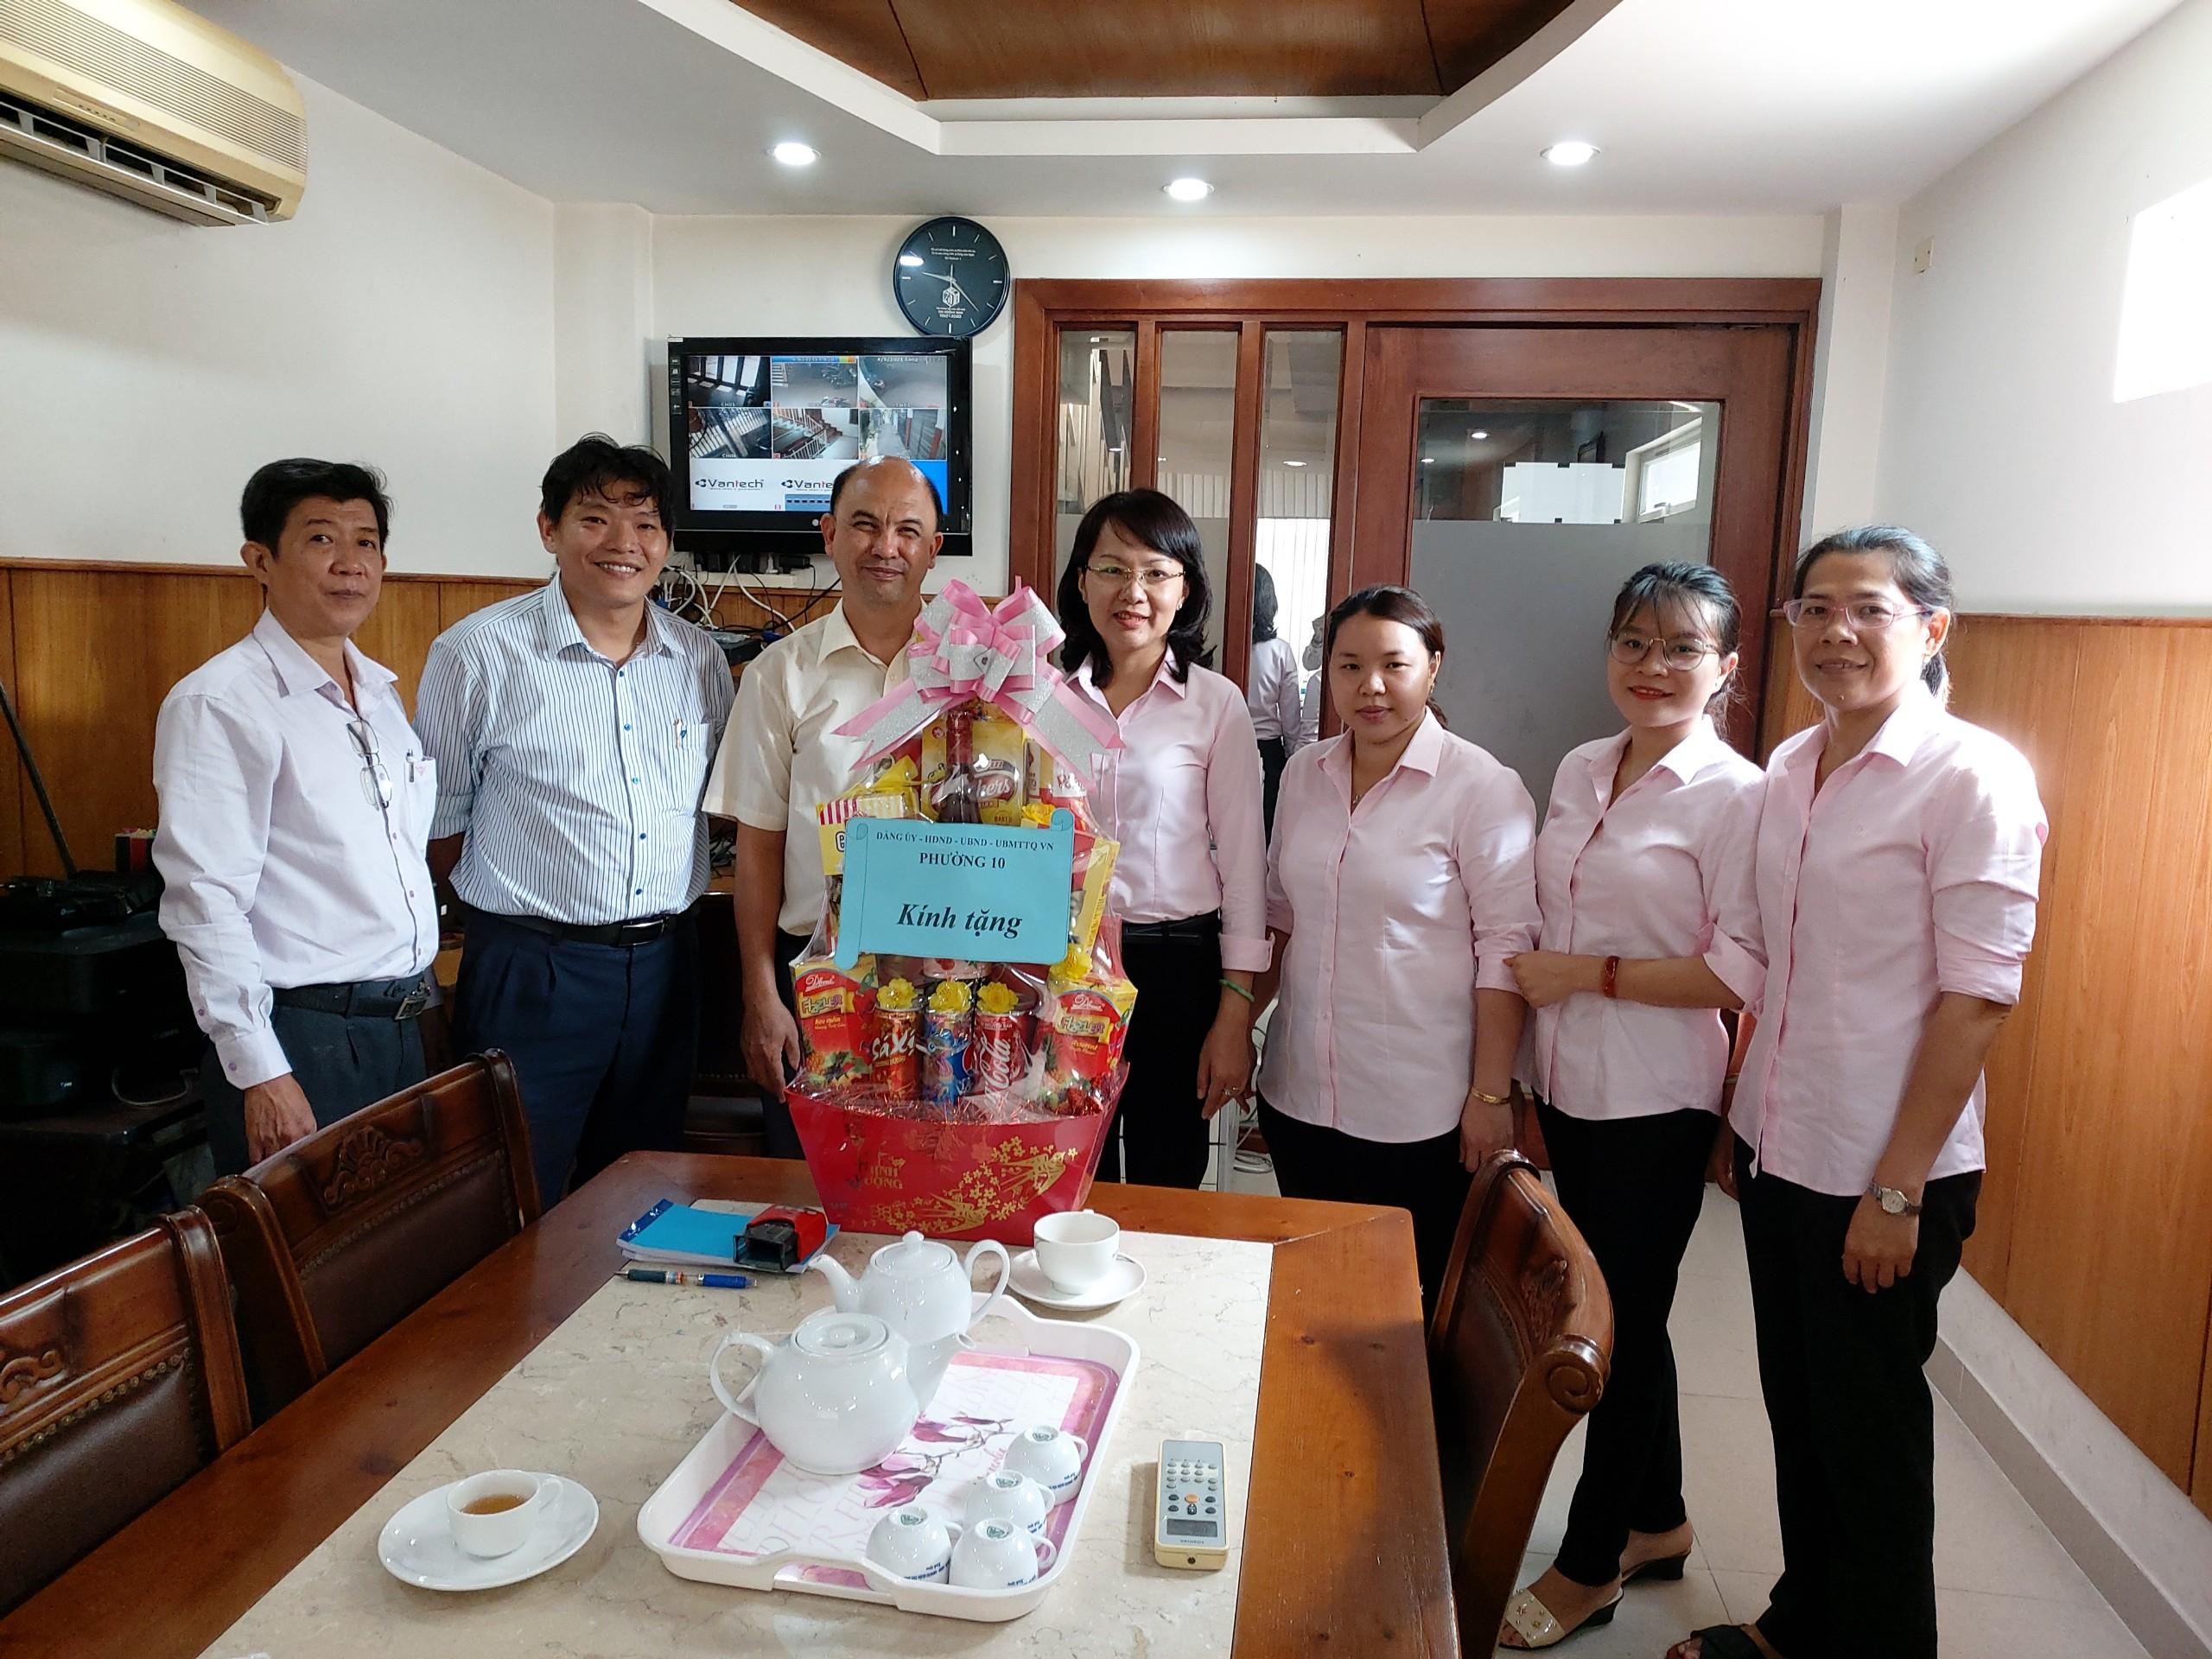 Lãnh đạo Phường 10 thăm và tặng quà Chi Hội Thánh Tin lành Phú Thọ Hòa nhân dịp Lễ Phục sinh.